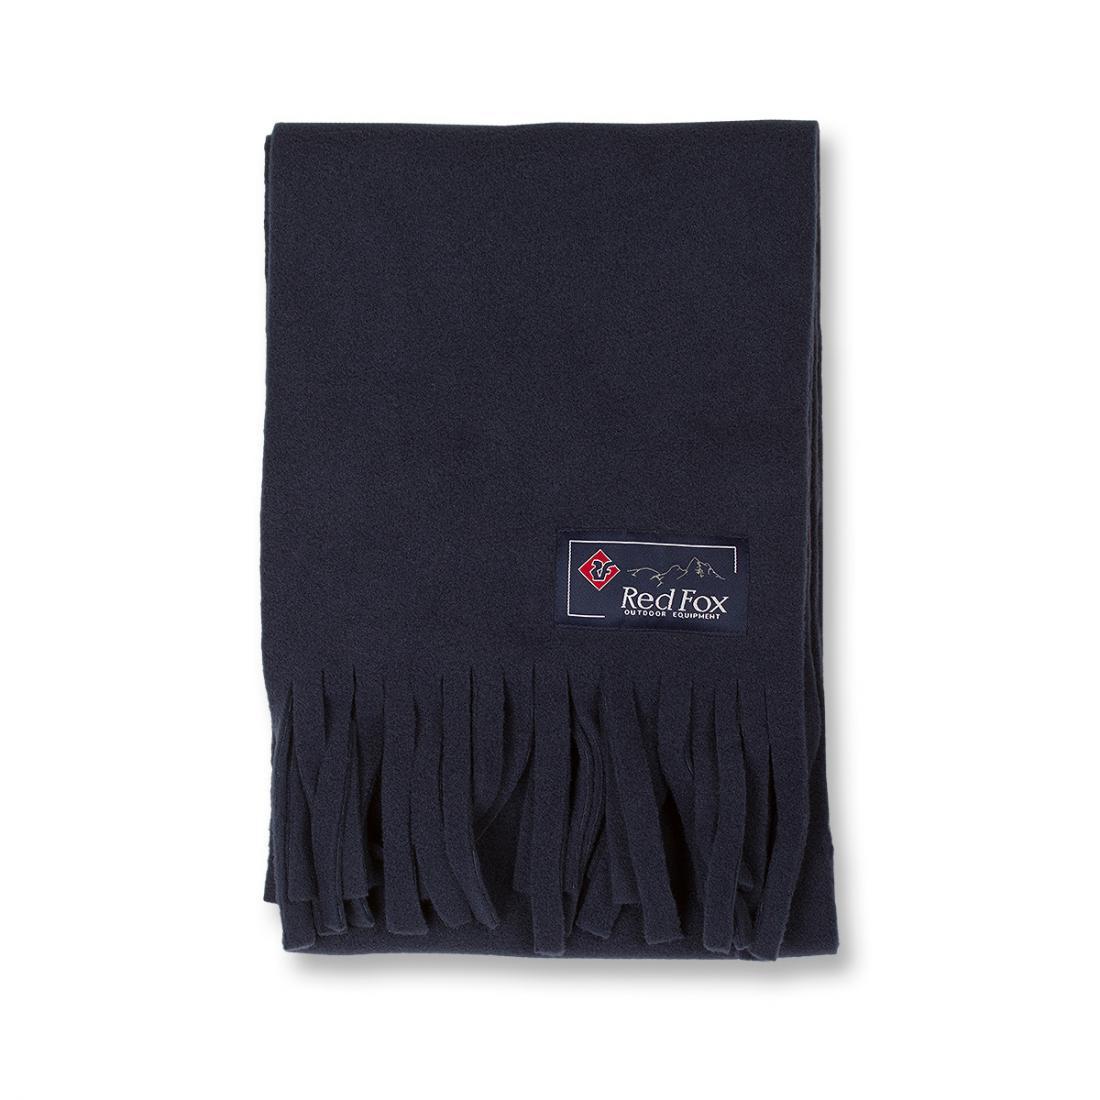 Шарф Polartec 200Шарфы<br>Классический шарф в современном исполнении из материала Polartec® 200.<br> <br> Особенности<br><br>Основное назначение: Повседневное городское использование<br>Материал: Polartec® 200, 100% Polyester Knit, 252 g/sqm<br><br>Разм...<br><br>Цвет: Синий<br>Размер: None